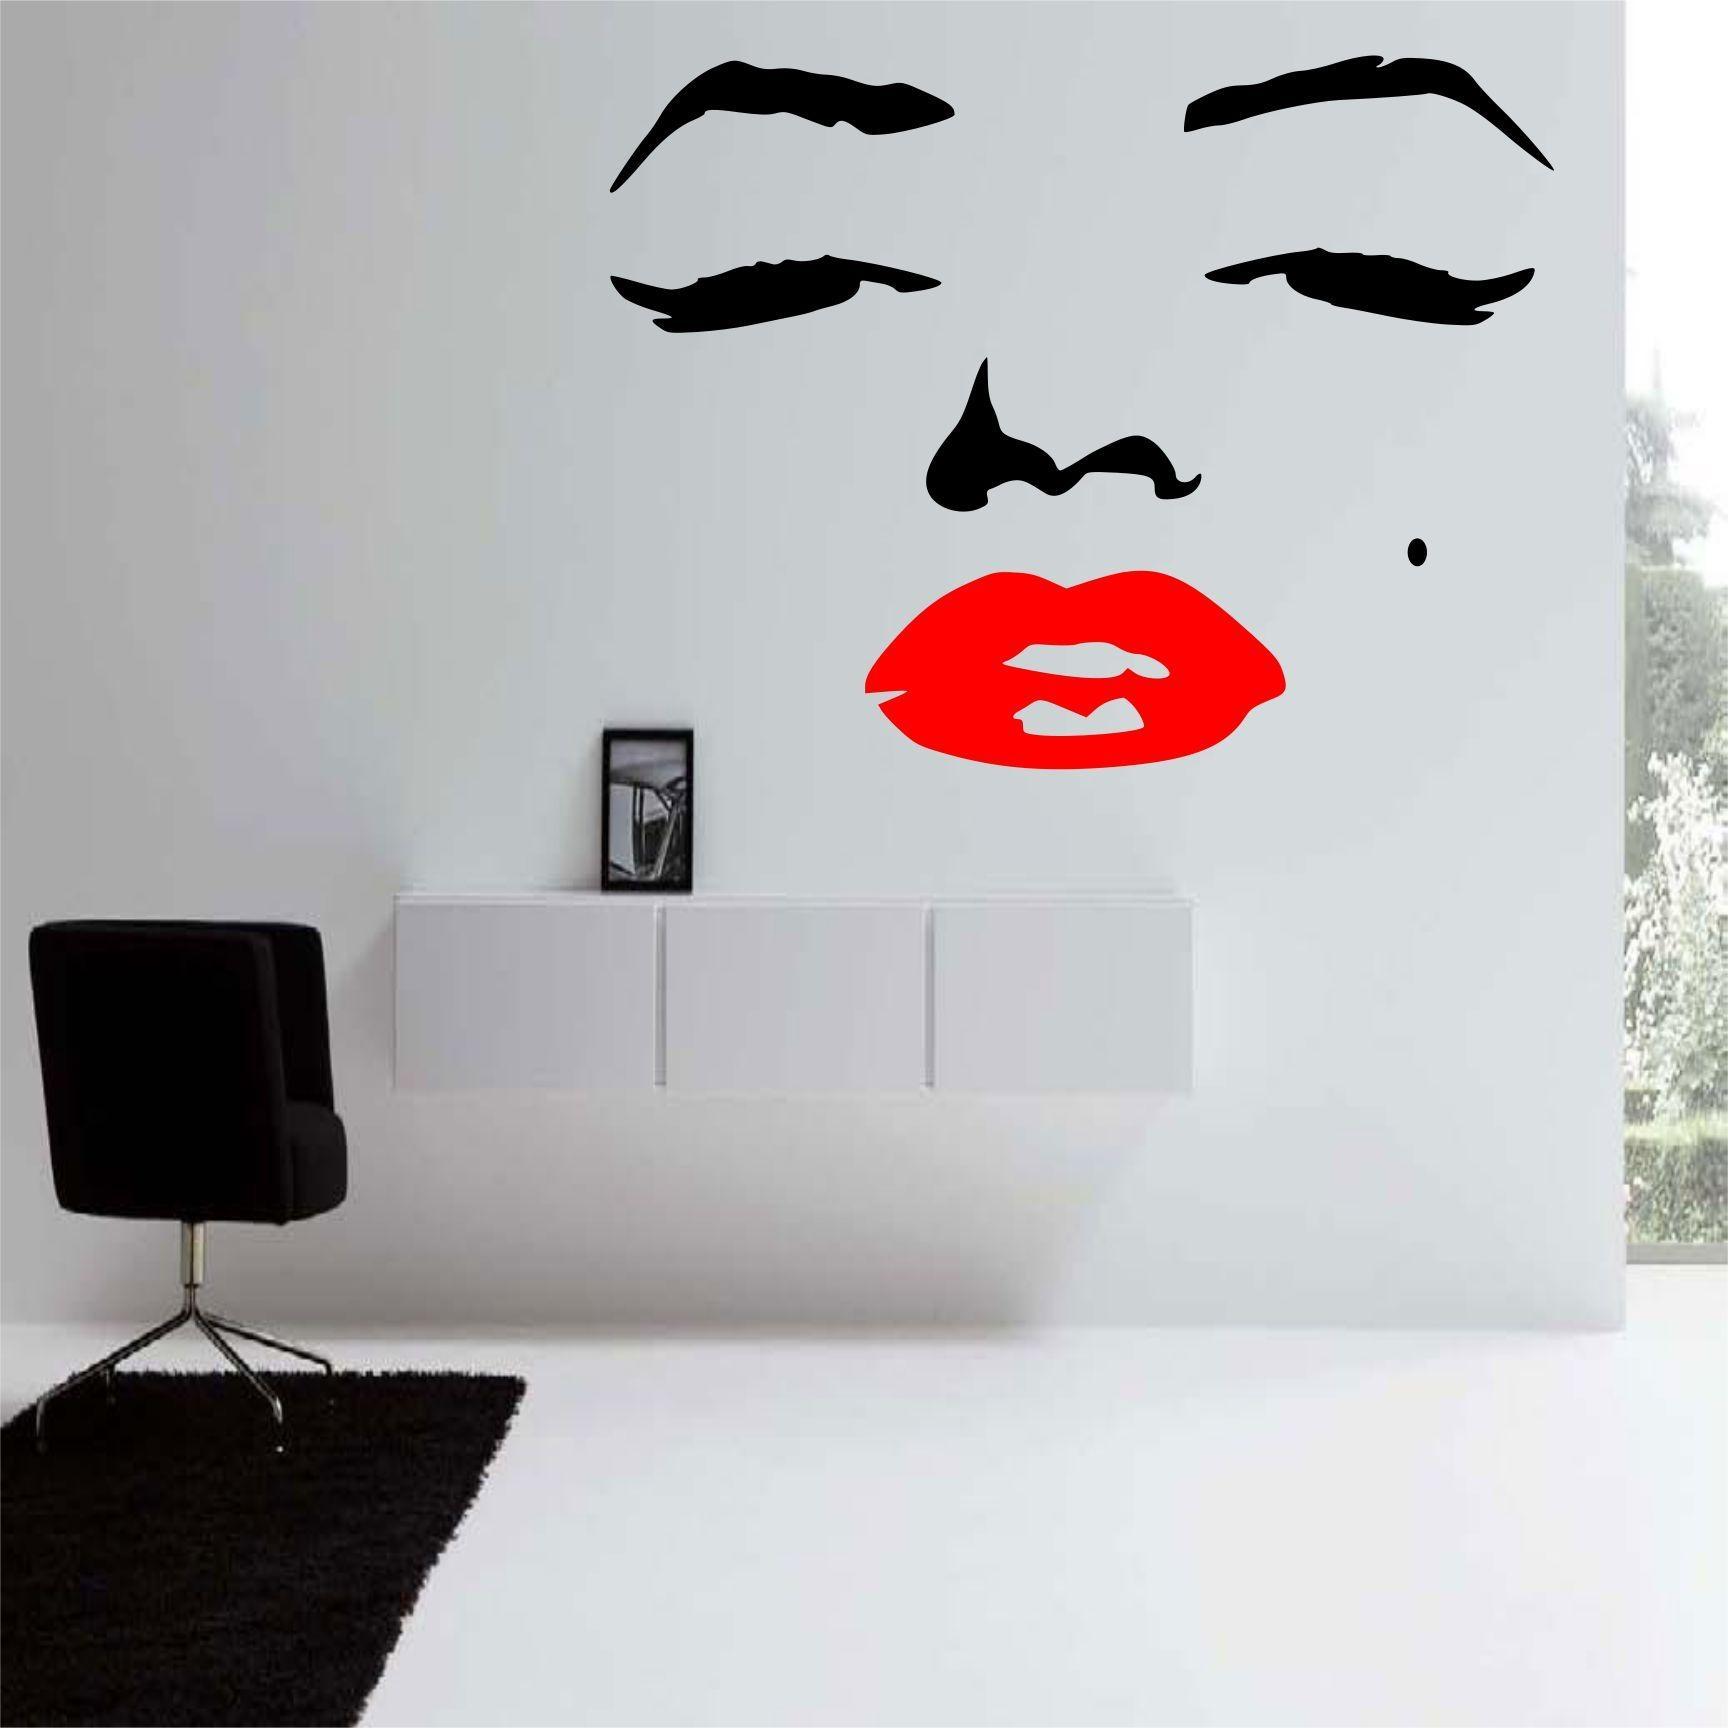 34 Marilyn Monroe Wall Decals, Marilyn Monroe 2 Wall Decal Norma throughout Marilyn Monroe Wall Art